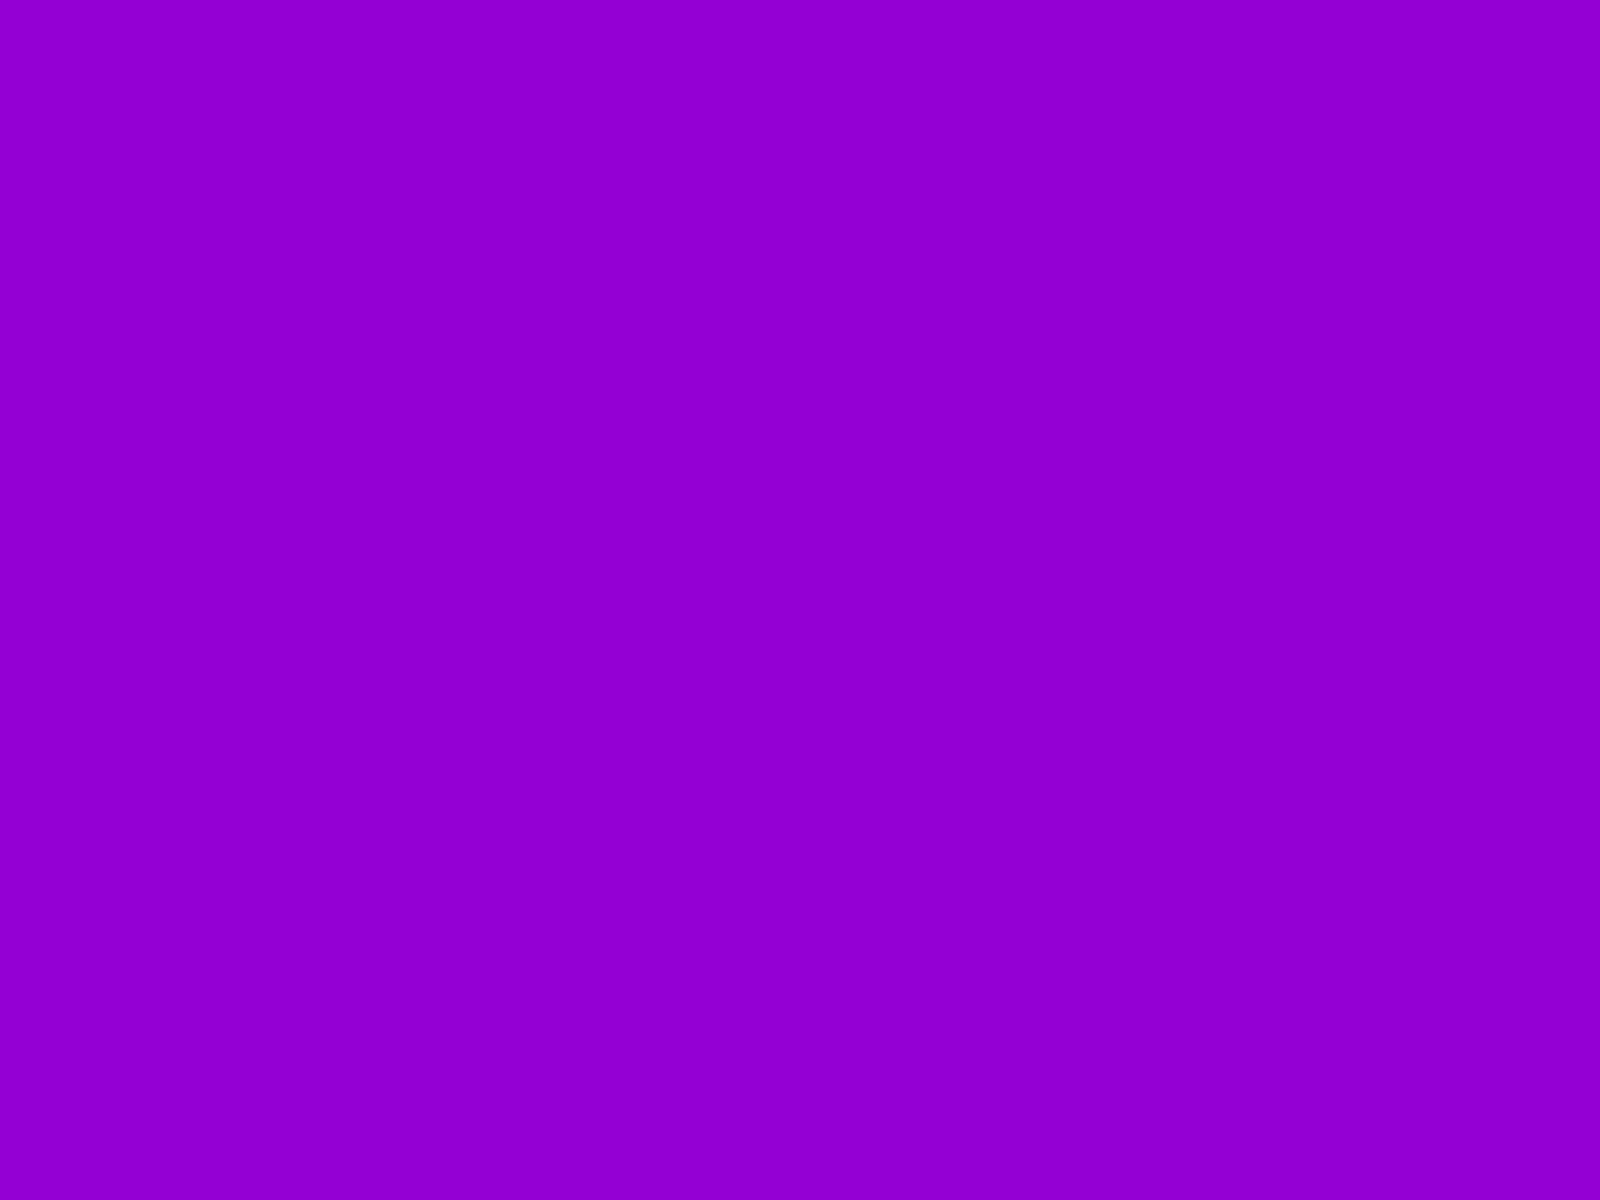 1600x1200 Dark Violet Solid Color Background